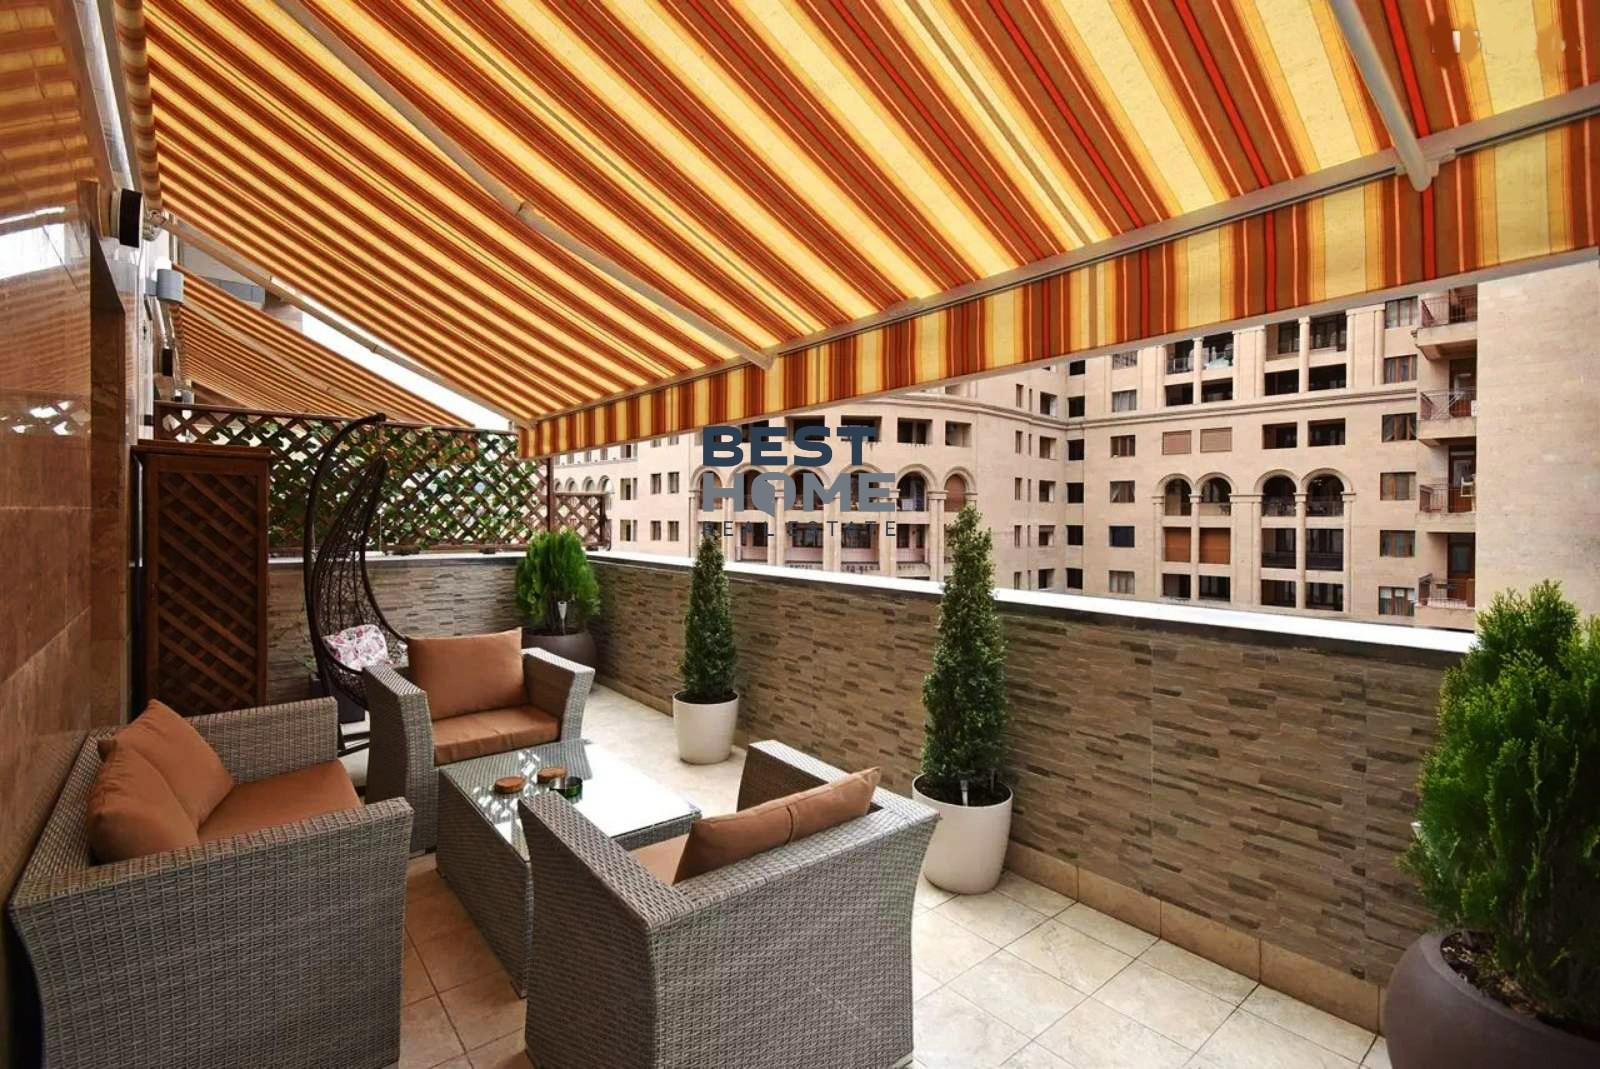 Недвижимость в Армении, аренда квартиры в новостройке в центре Еревана в летний период. Снять дом в Армении для отдыха с бассейном на год.